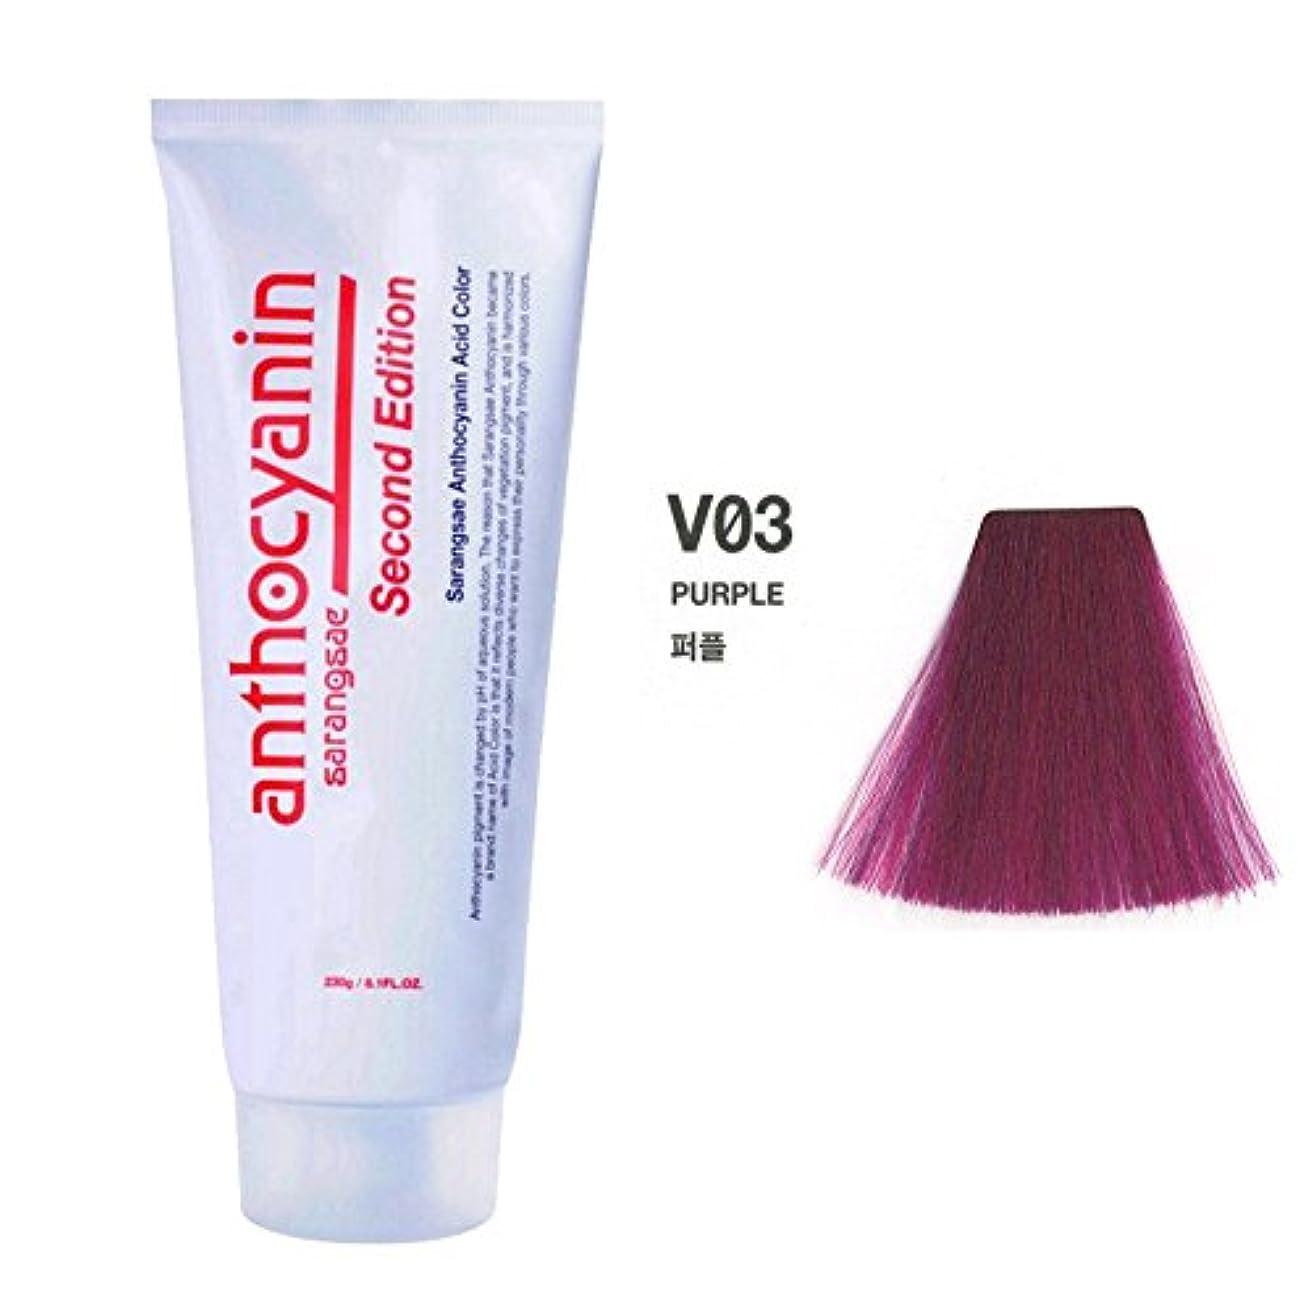 呼び起こす感染する広告ヘア マニキュア カラー セカンド エディション 230g セミ パーマネント 染毛剤 ( Hair Manicure Color Second Edition 230g Semi Permanent Hair Dye) [並行輸入品] (V03 Purple)